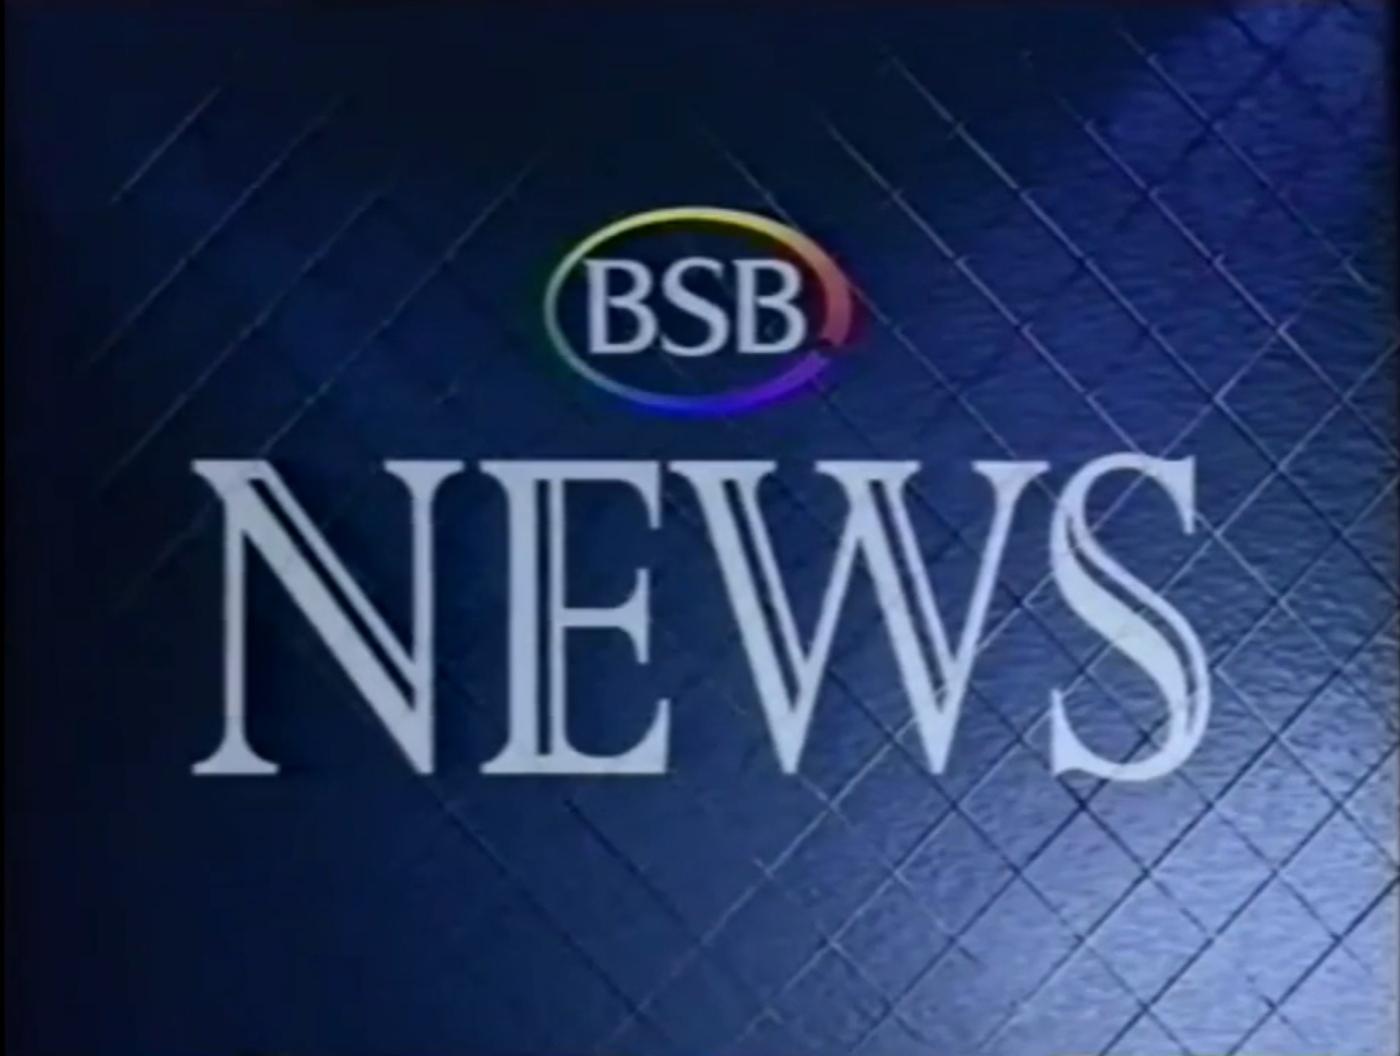 BSB News